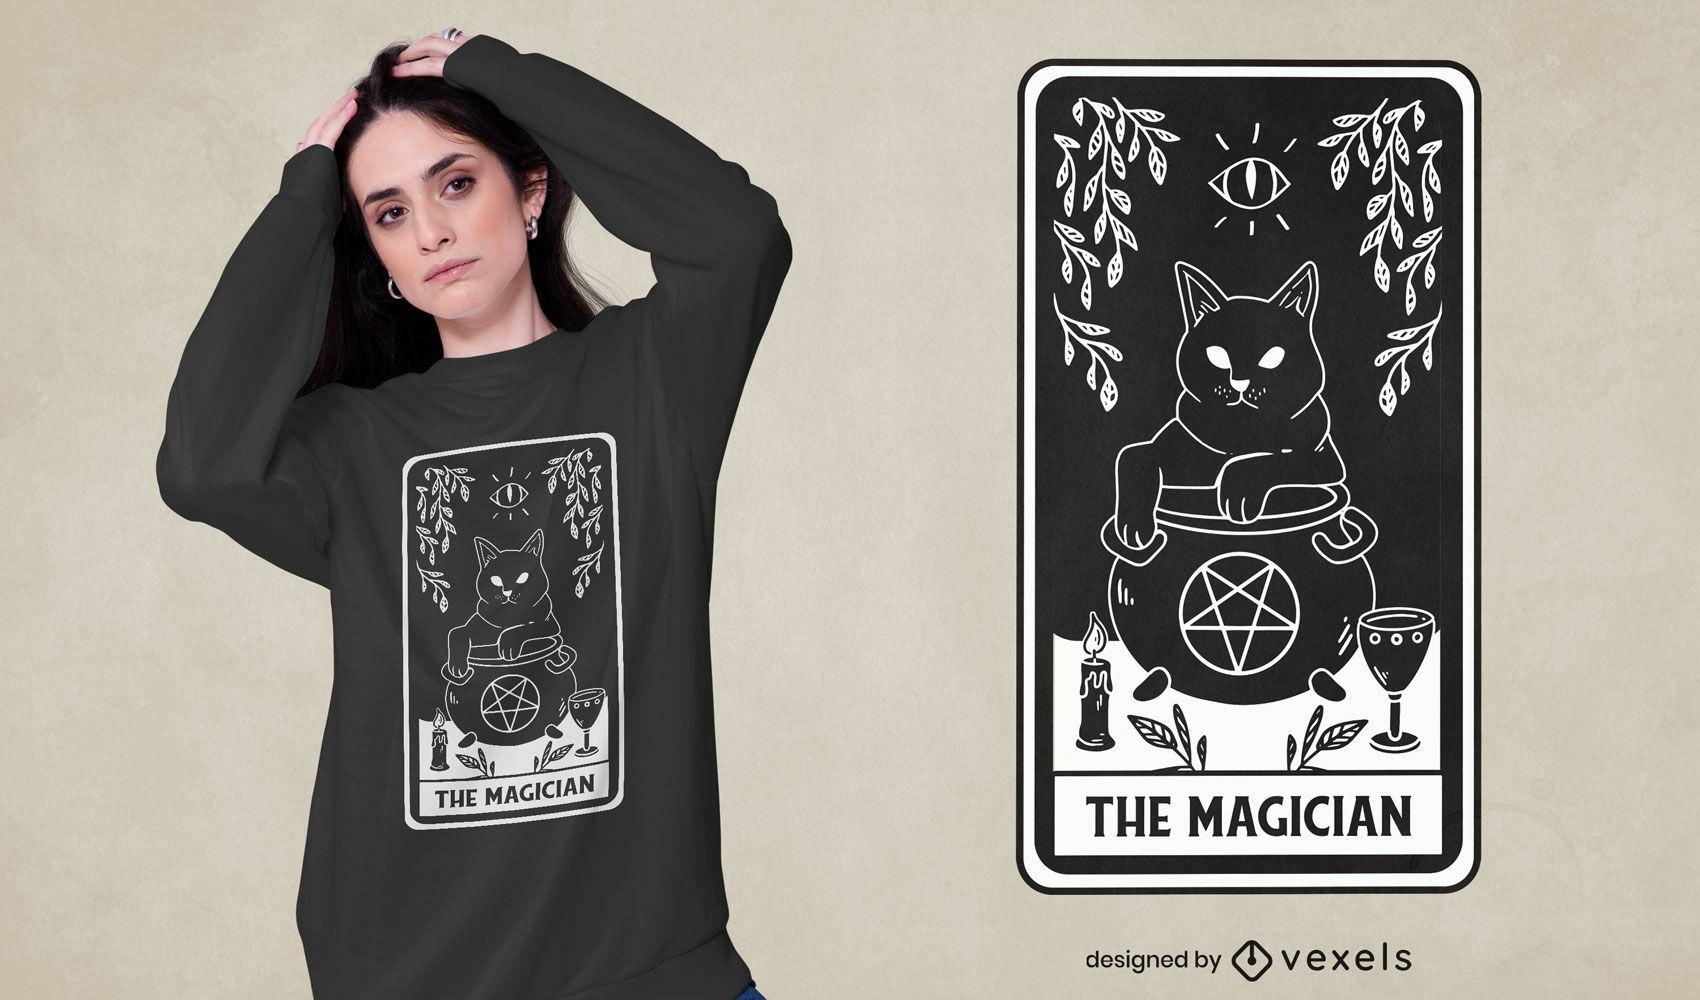 The magician tarot card t-shirt design